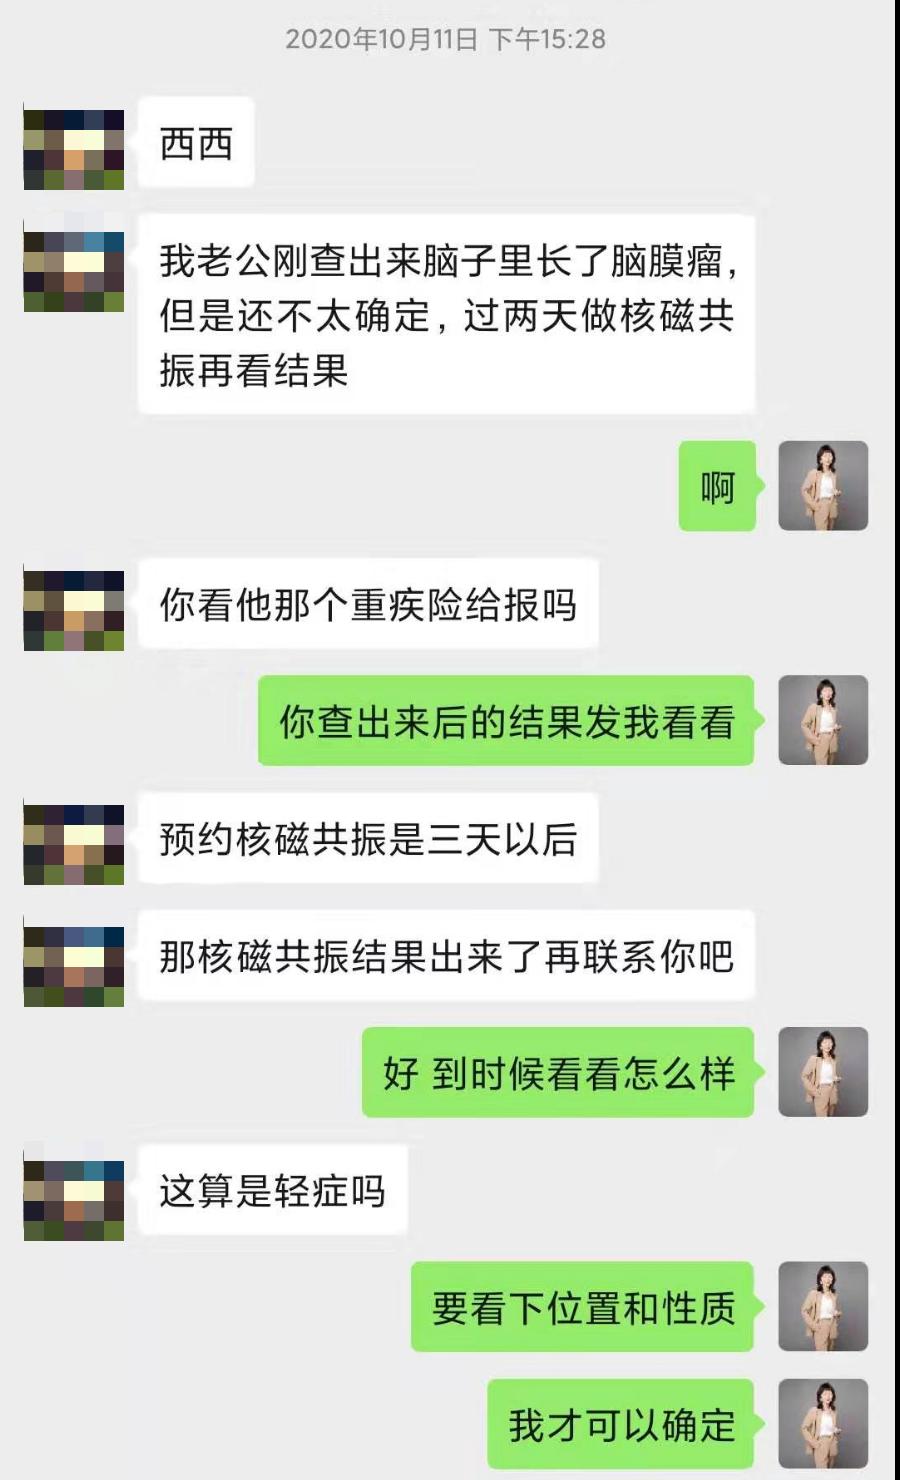 5-1  曹先生的妻子联系婕西专家,咨询安心赔事宜.png